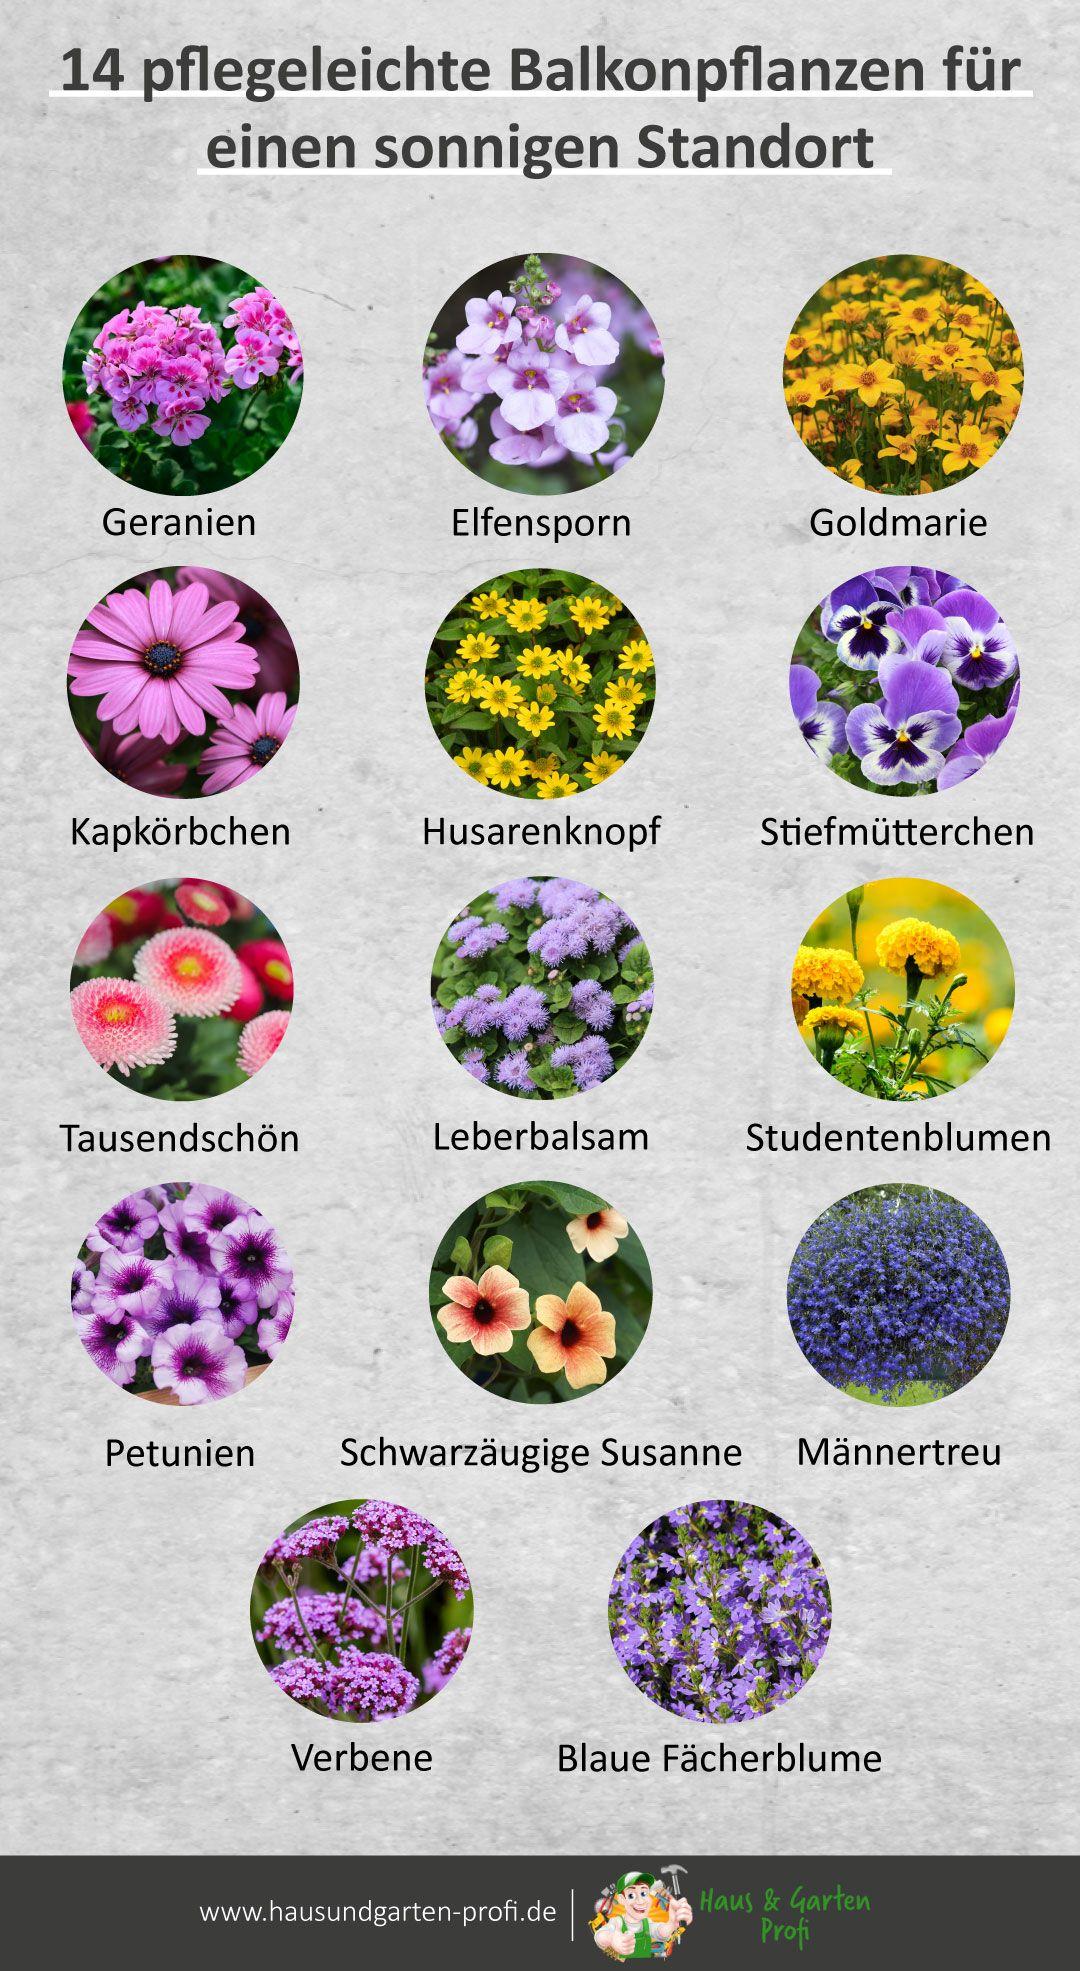 14 Pflegeleichte Balkonpflanzen Fur Einen Sonnigen Standort Balkon Pflanzen Pflegeleicht Balkon Pflanzen Garten Bepflanzen